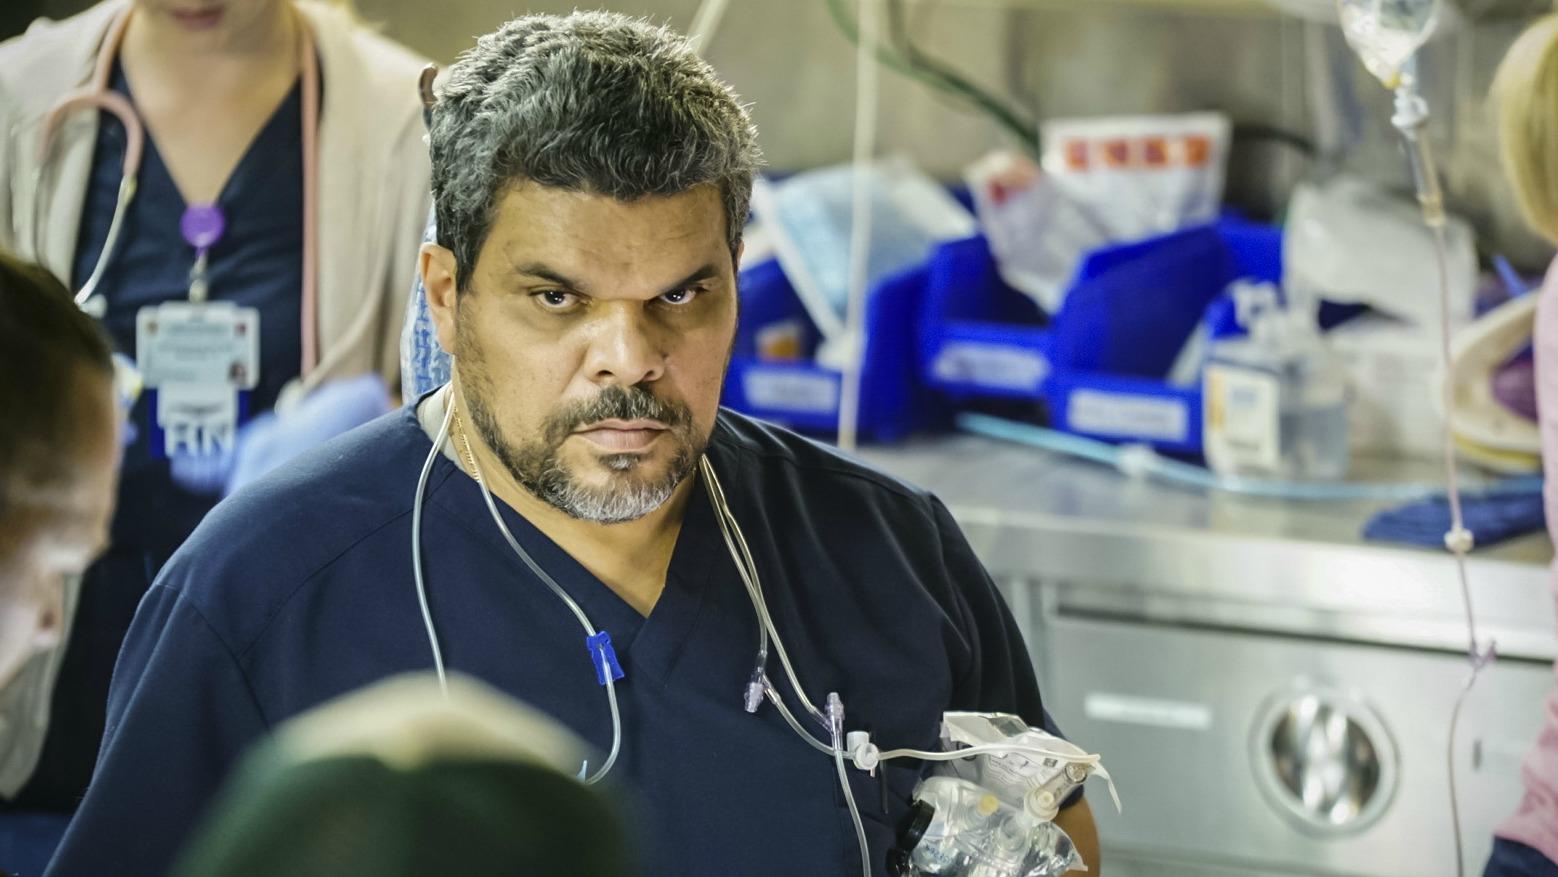 Luis Guzmán as Jesse Sallander